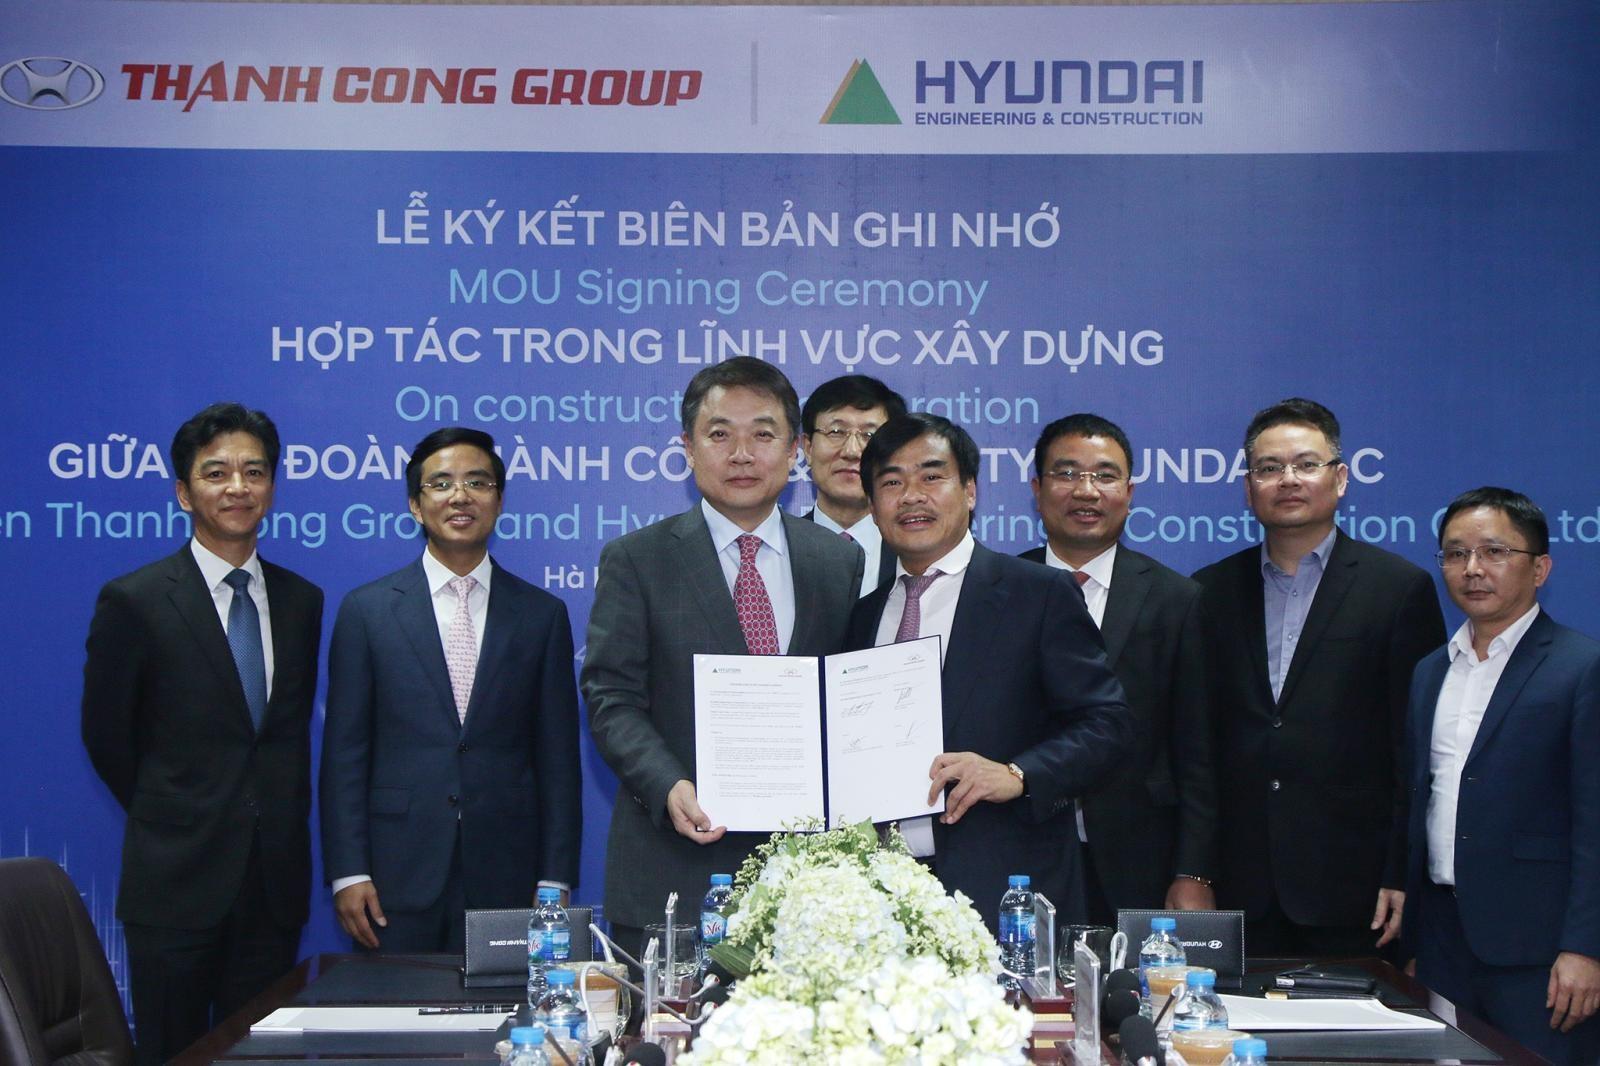 Sau những thành công ở mảng ô tô, Hyundai sẽ tiếp tục đẩy mạnh hơn nữa vào lĩnh vực xây dựng ở Việt Nam